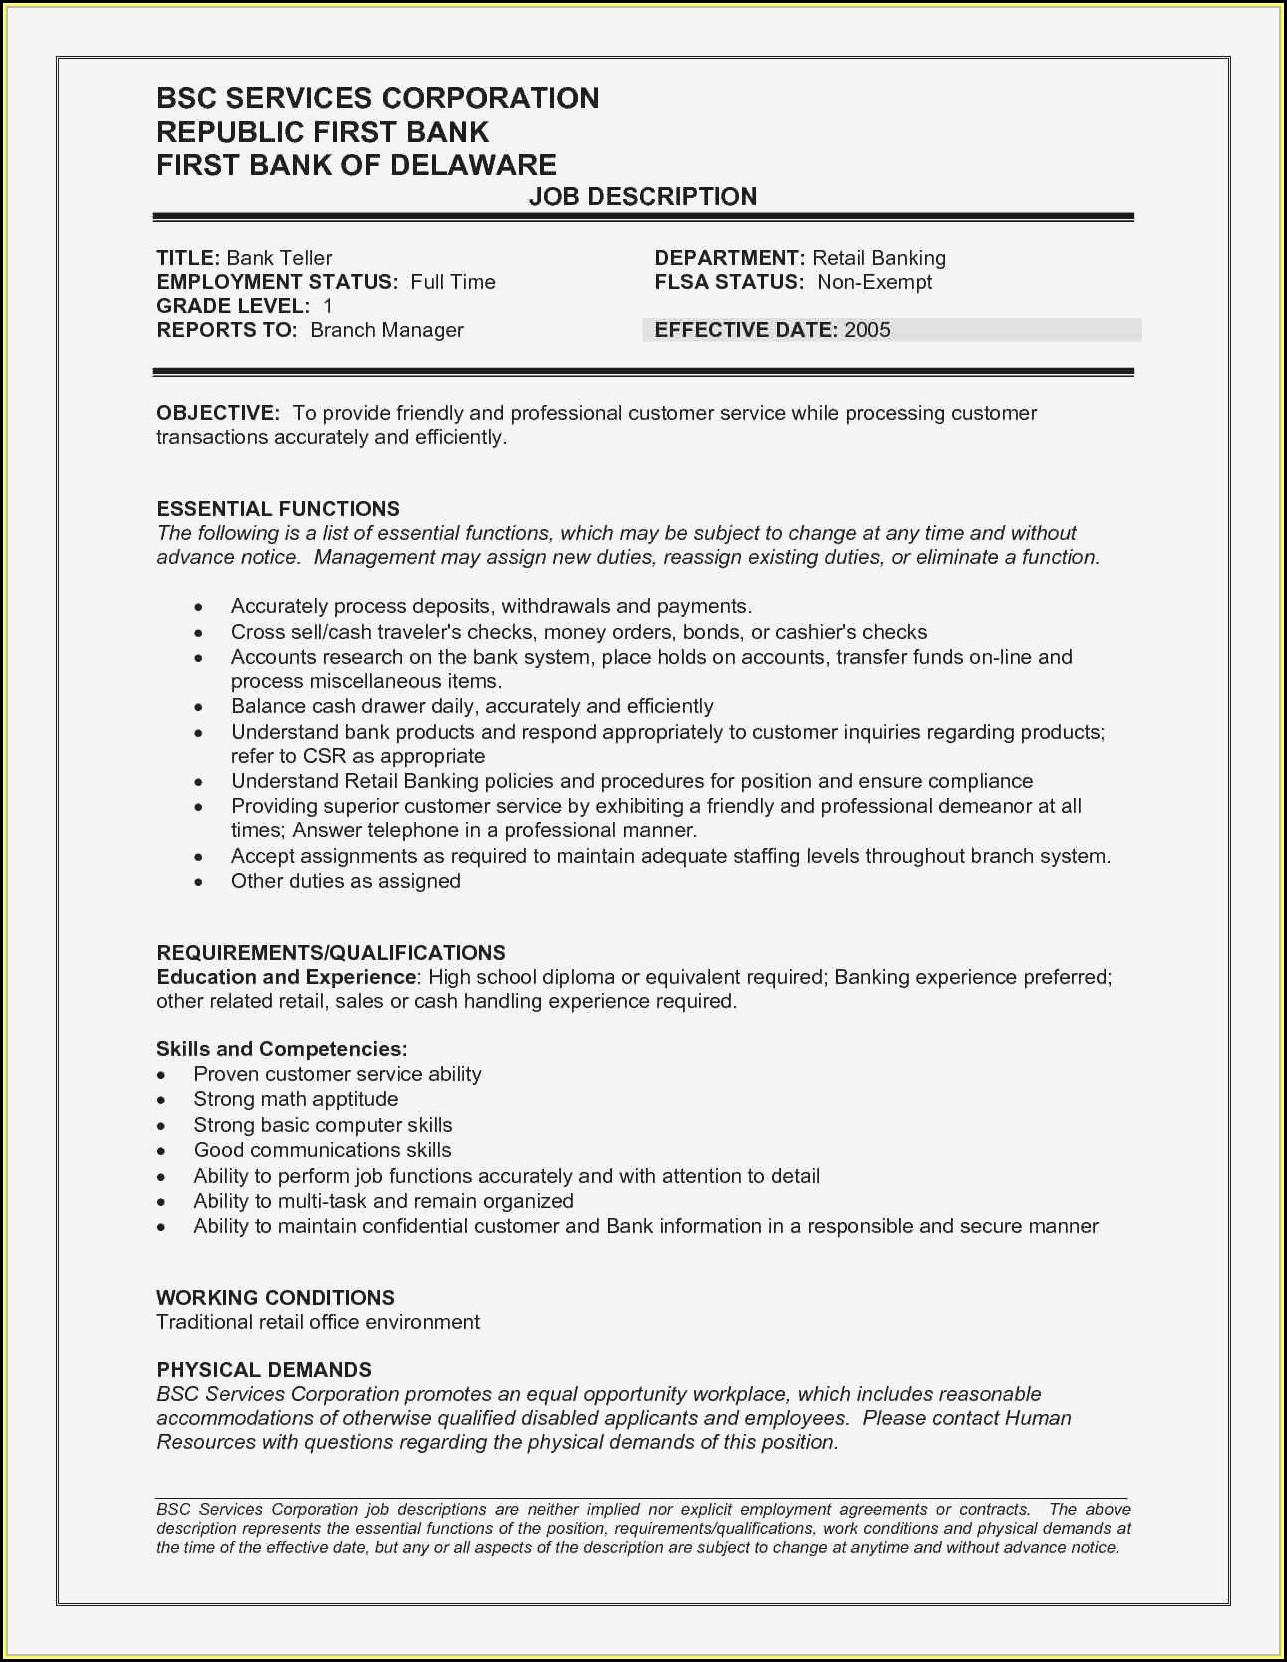 Resume Samples For Bank Teller